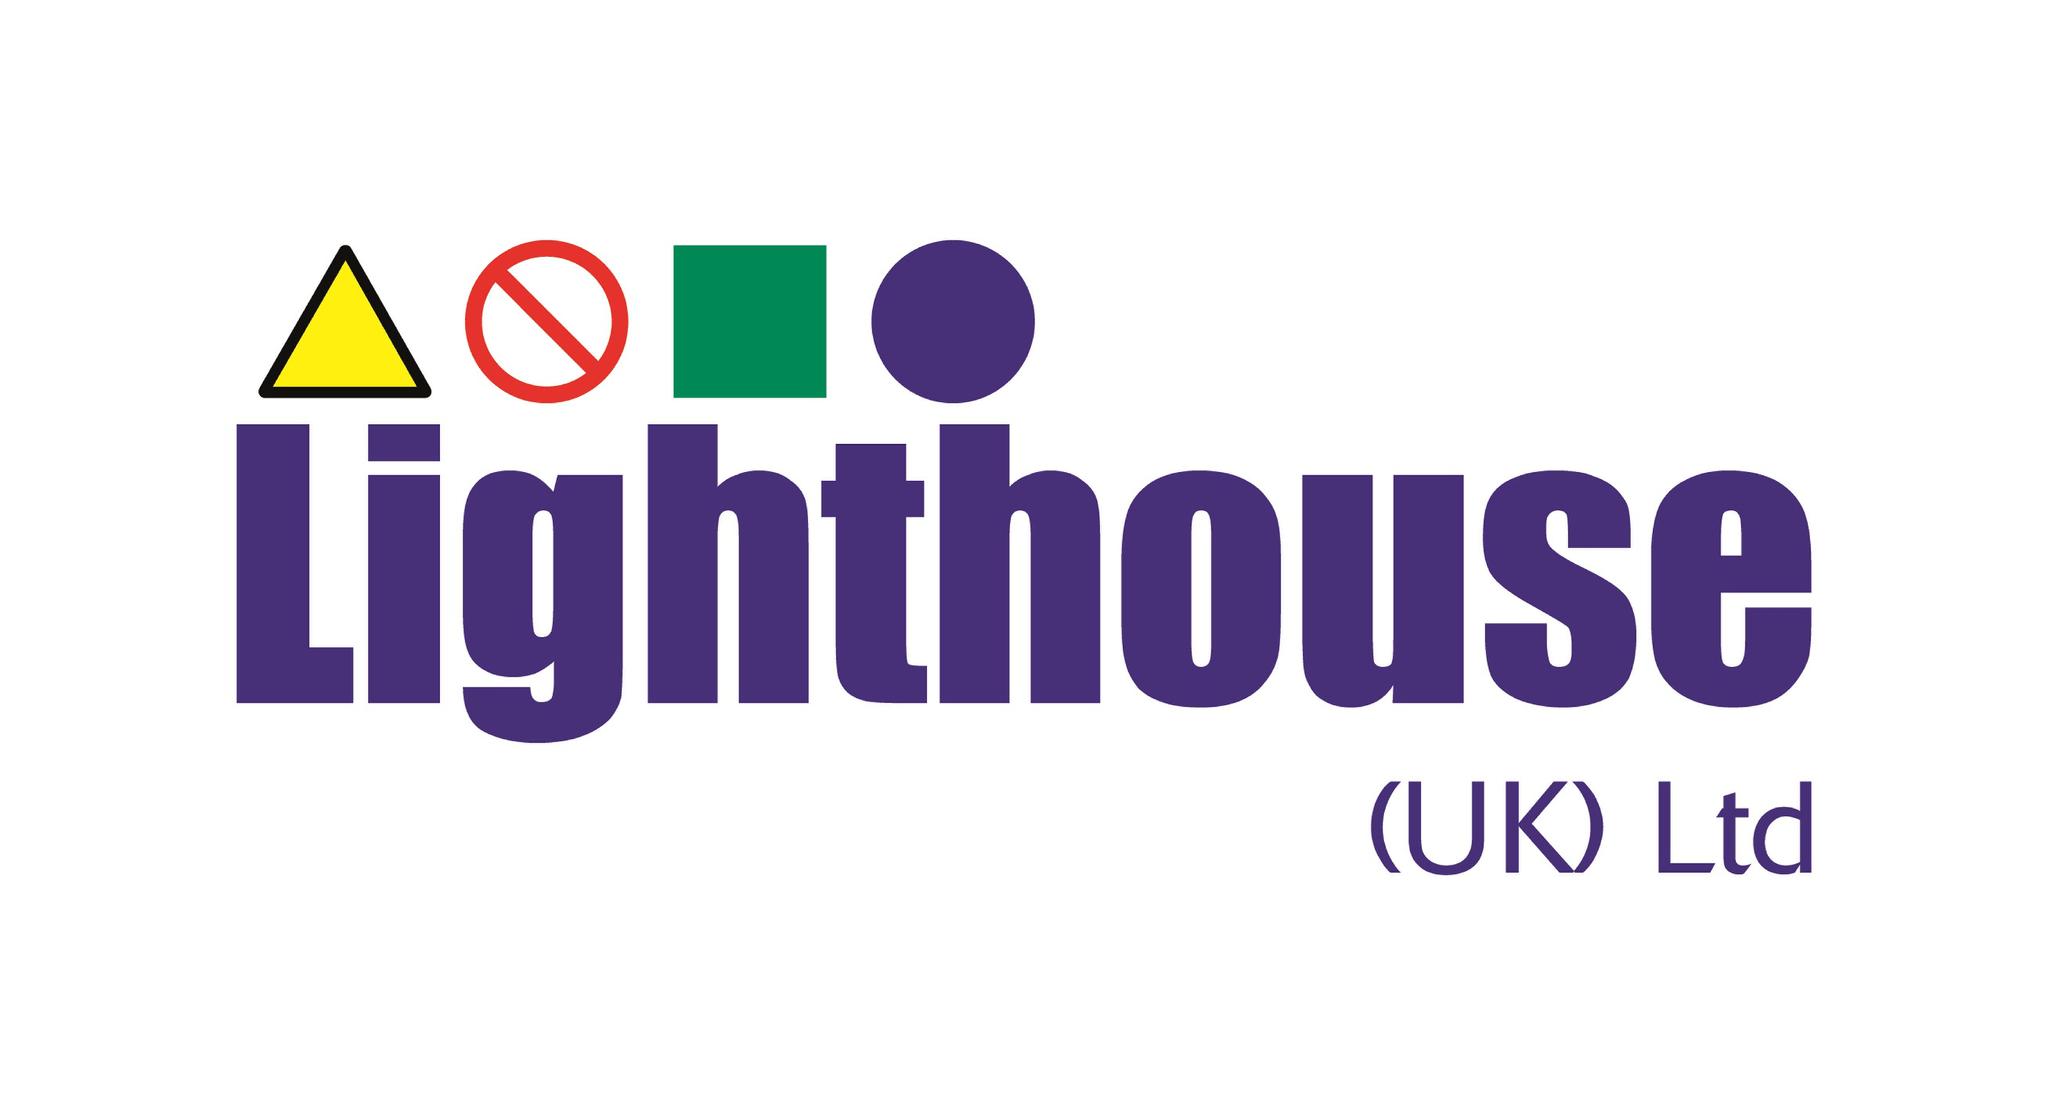 LIGHTHOUSE (UK) LIMITED